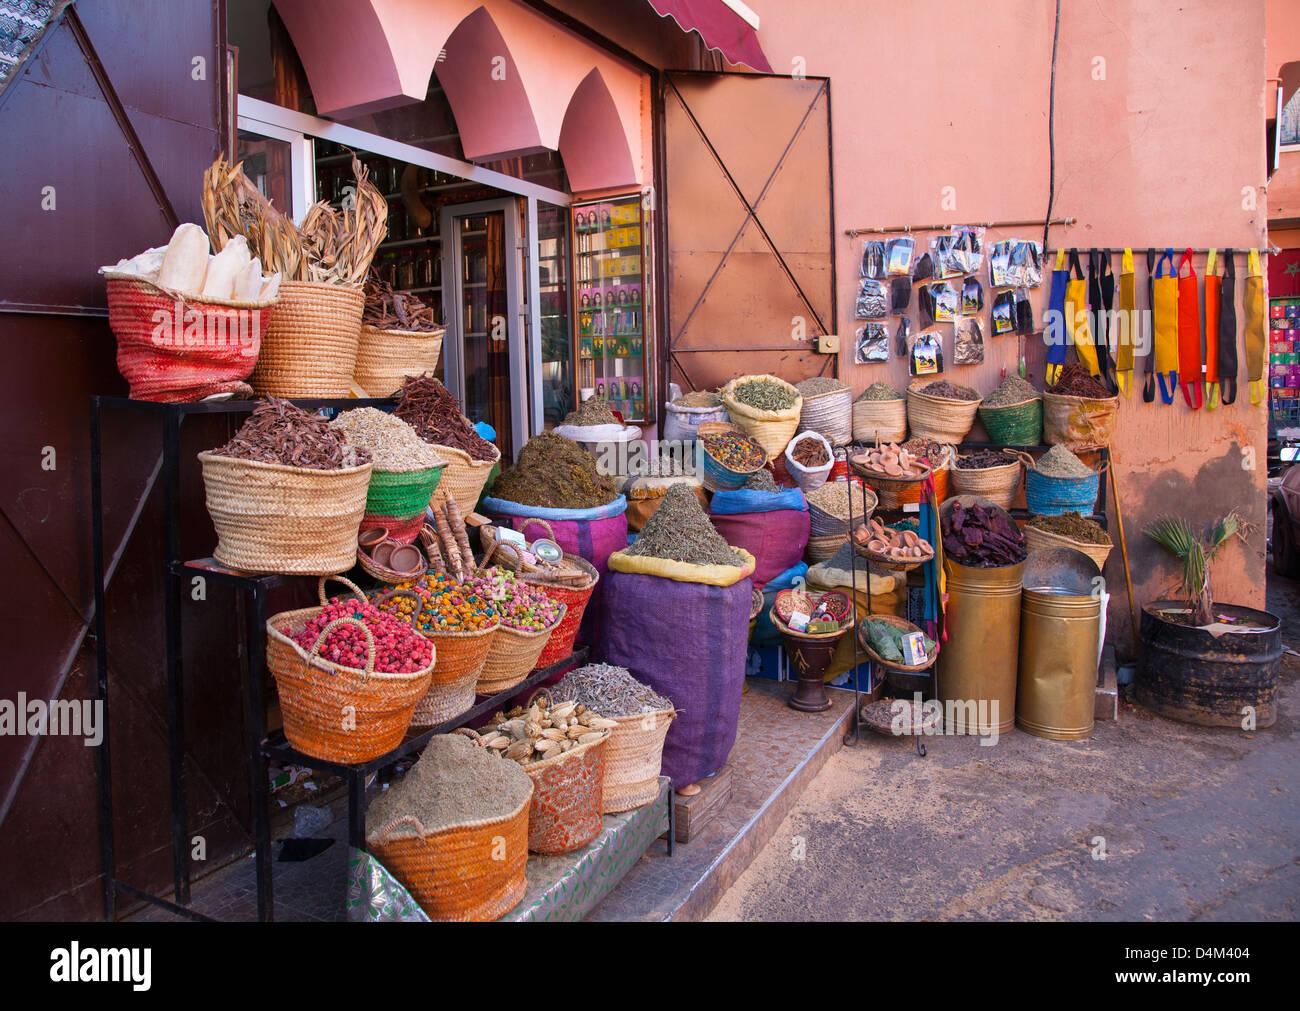 Des paniers de nourriture pour la vente en magasin Photo Stock